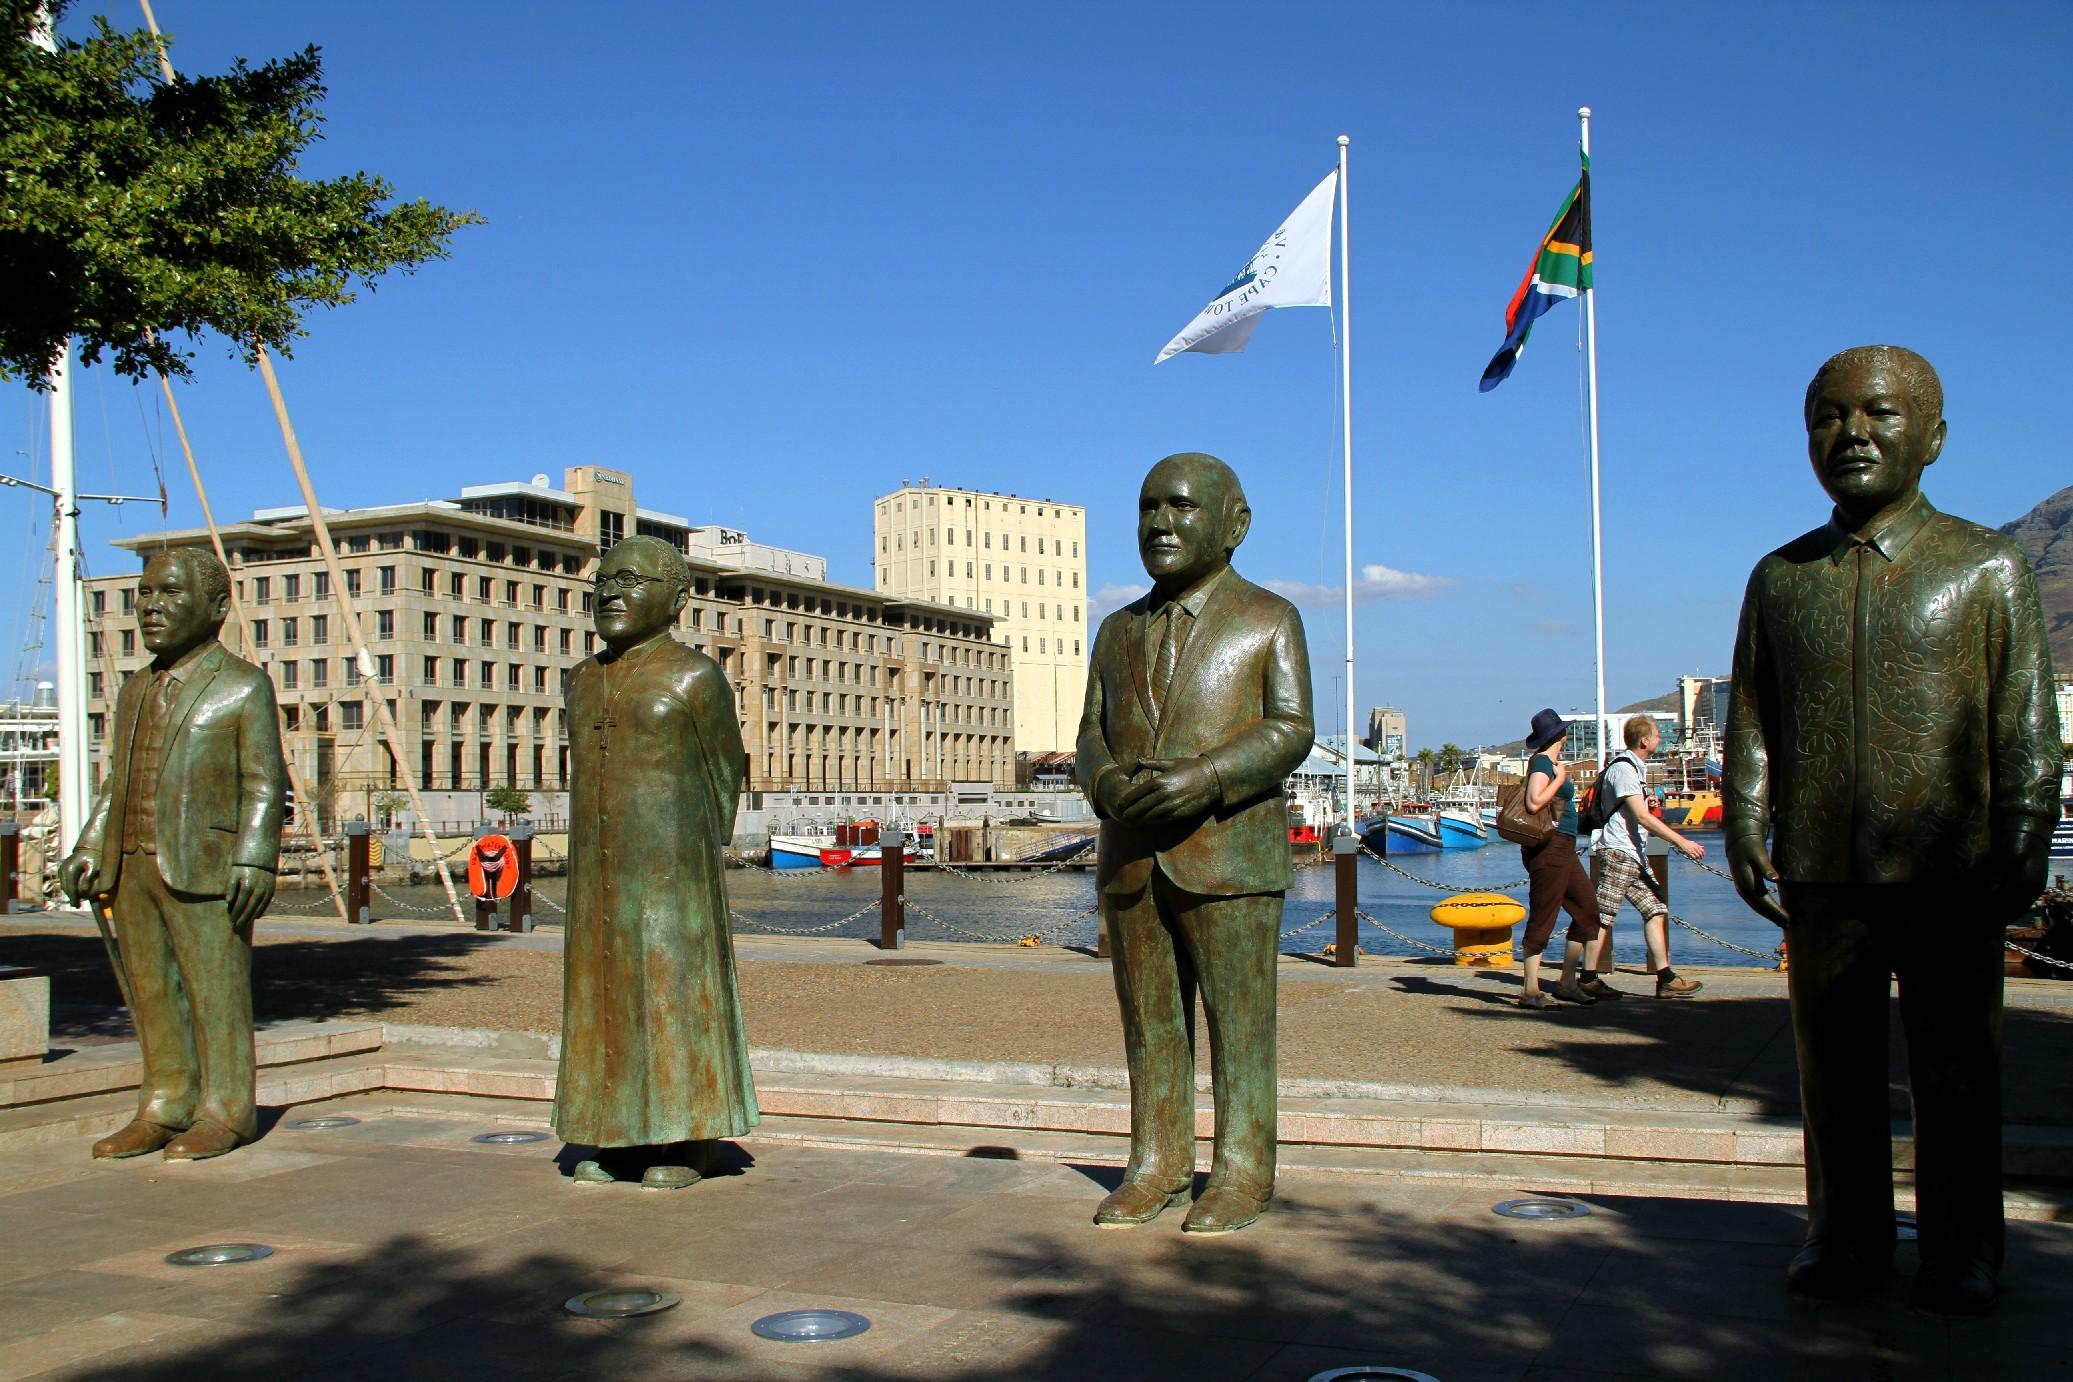 Mandela Square, na Cidade do Cabo